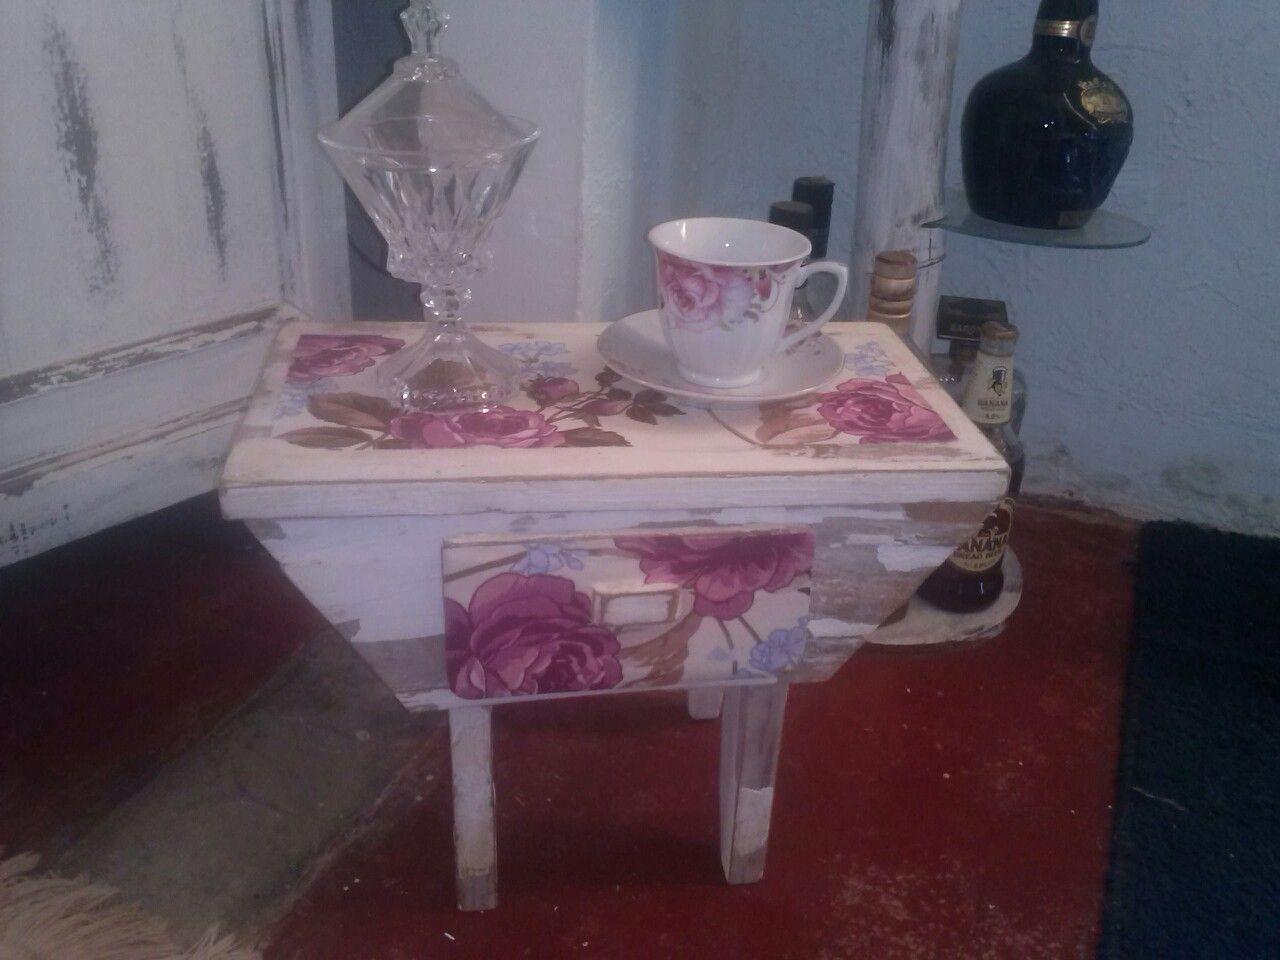 Banqueta para apoio na hora do chá